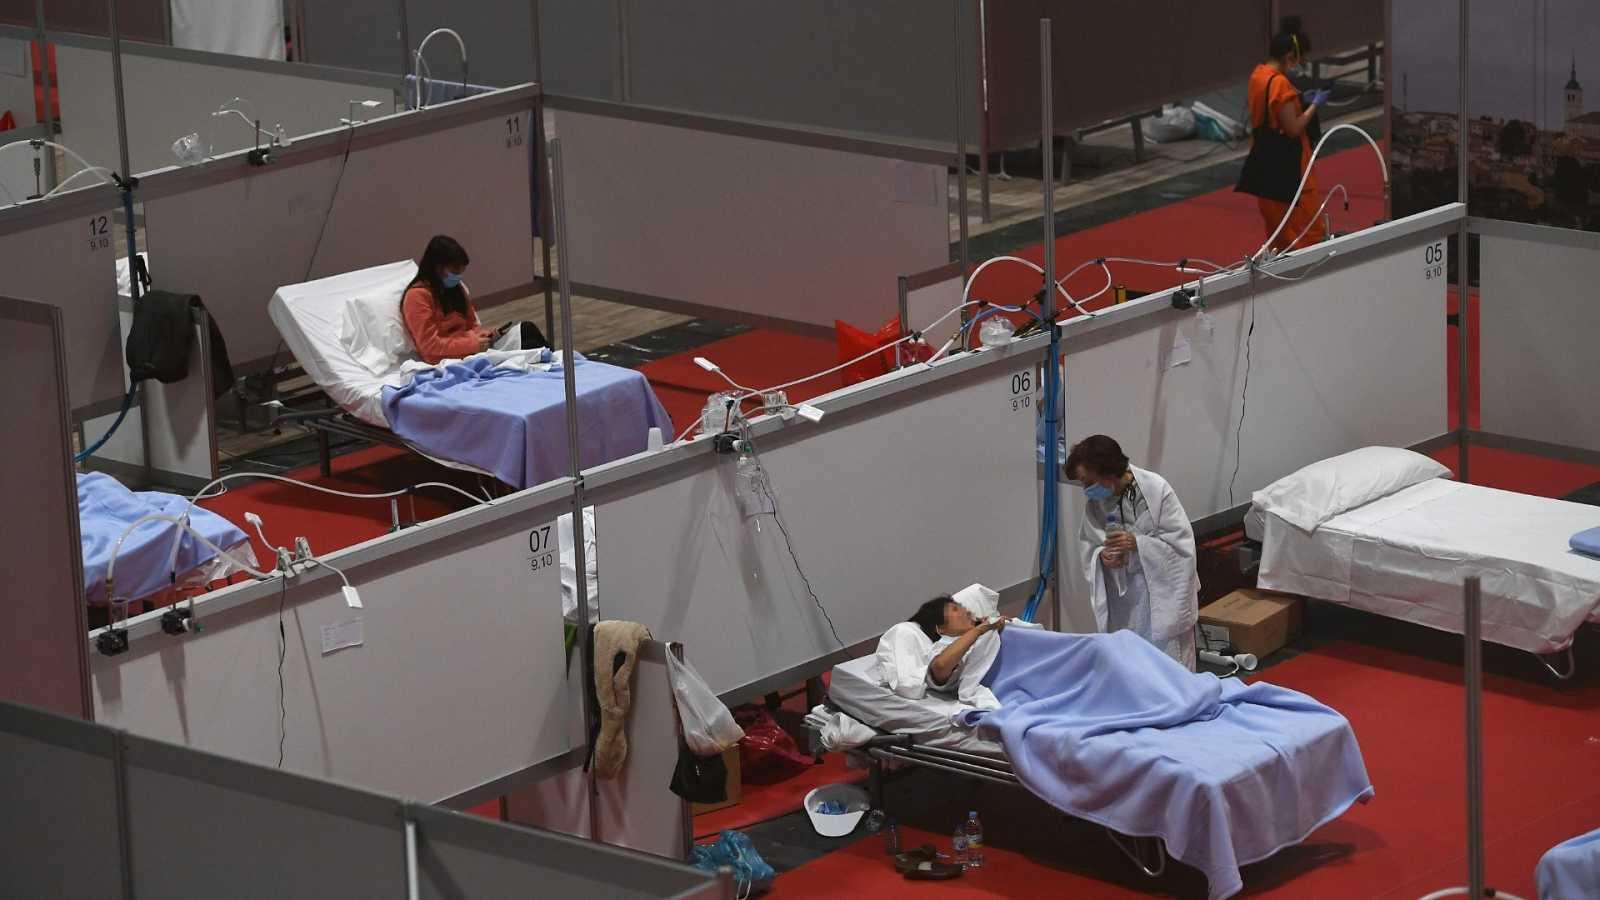 Un sanitario conversa con un paciente en el hospital habilitado en IFEMA